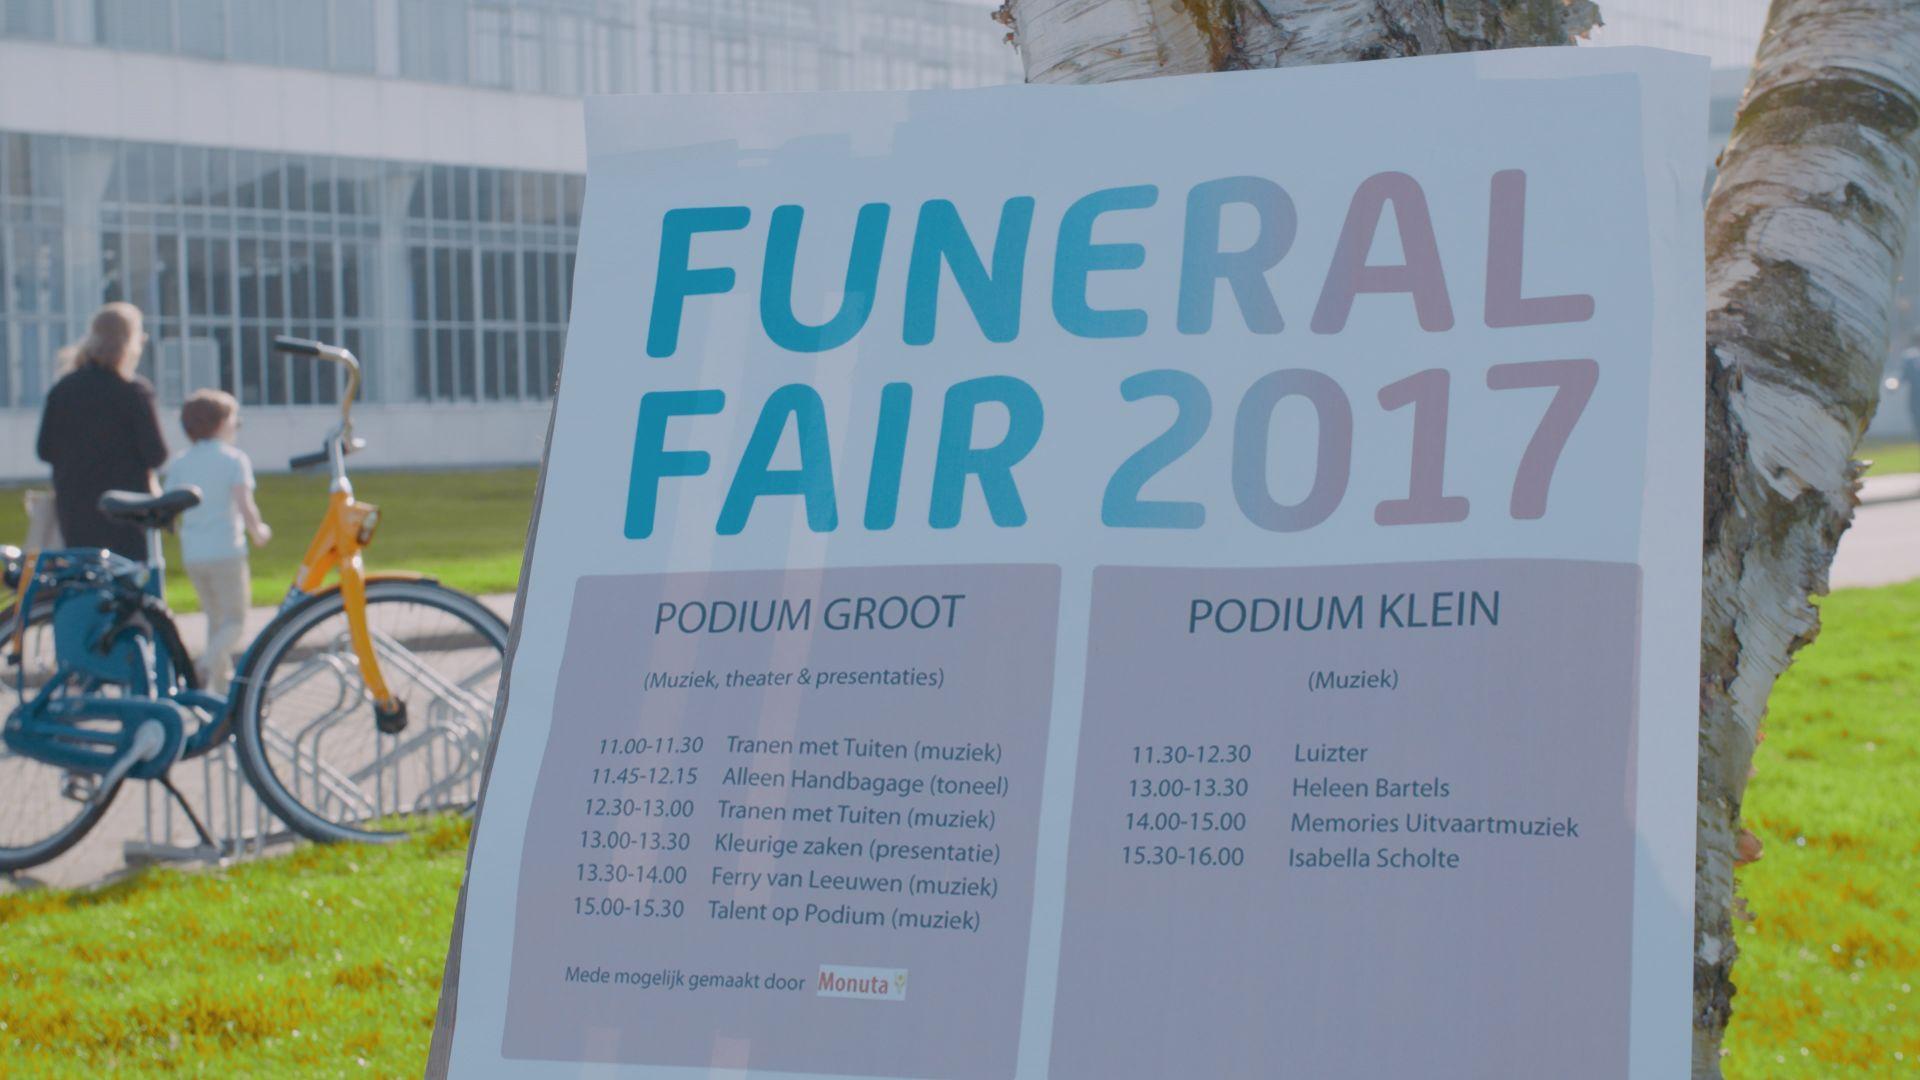 funeral fair 2017